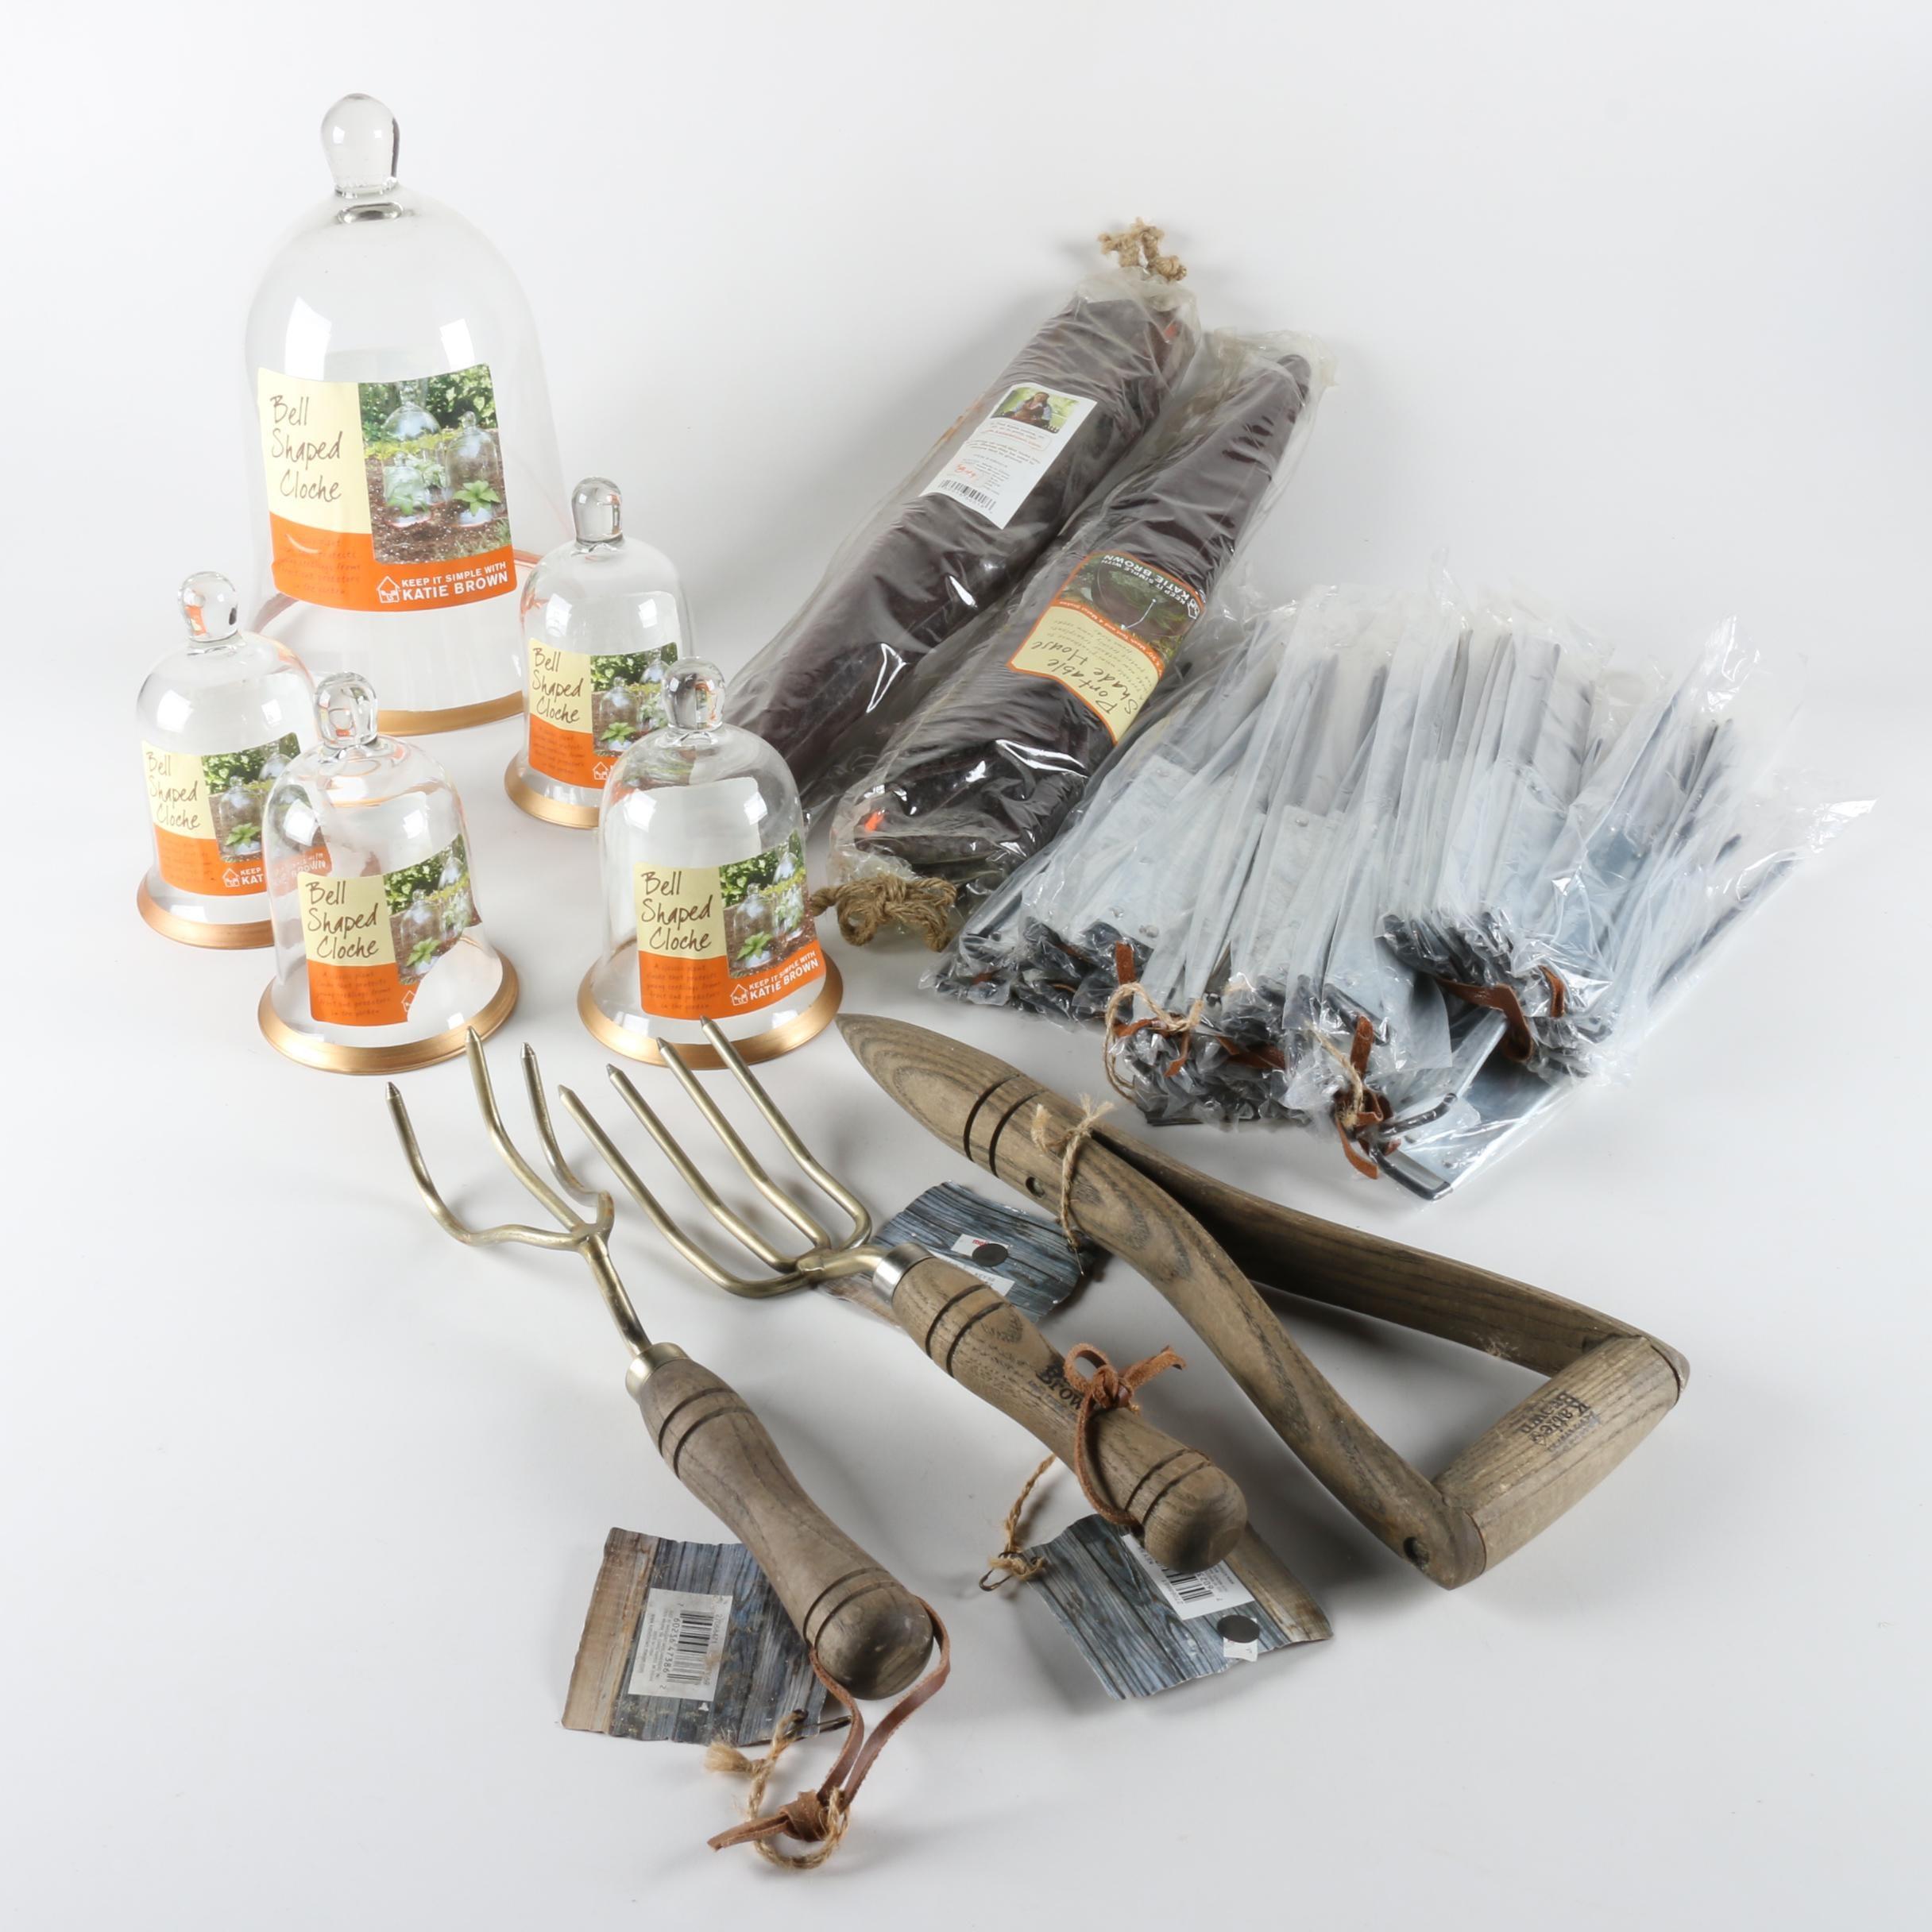 Katie Brown Brand Gardening Items